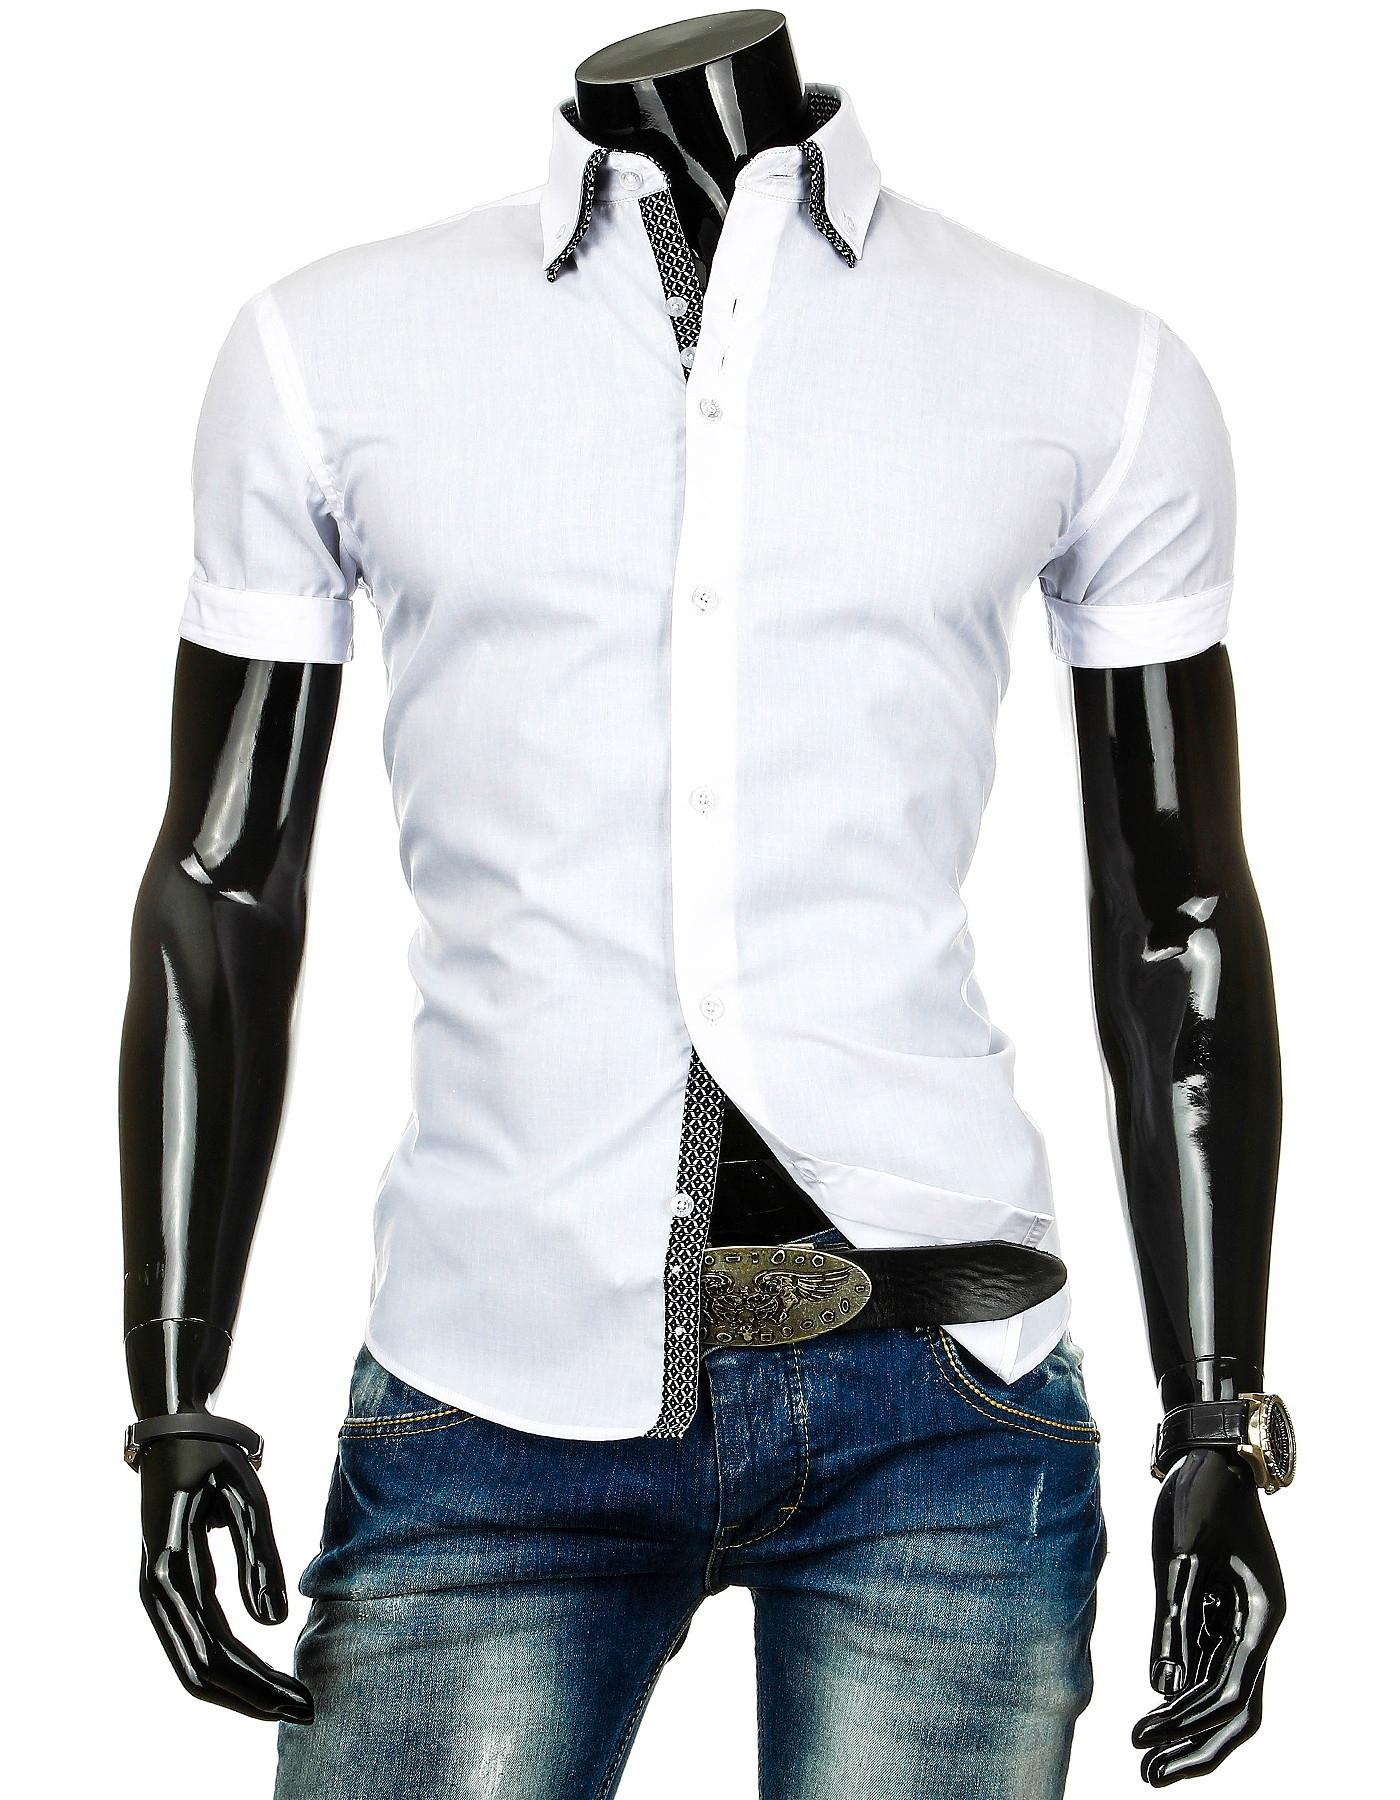 Pánská košile BOSTON s krátkým rukávem bílá a dvojitým límečkem